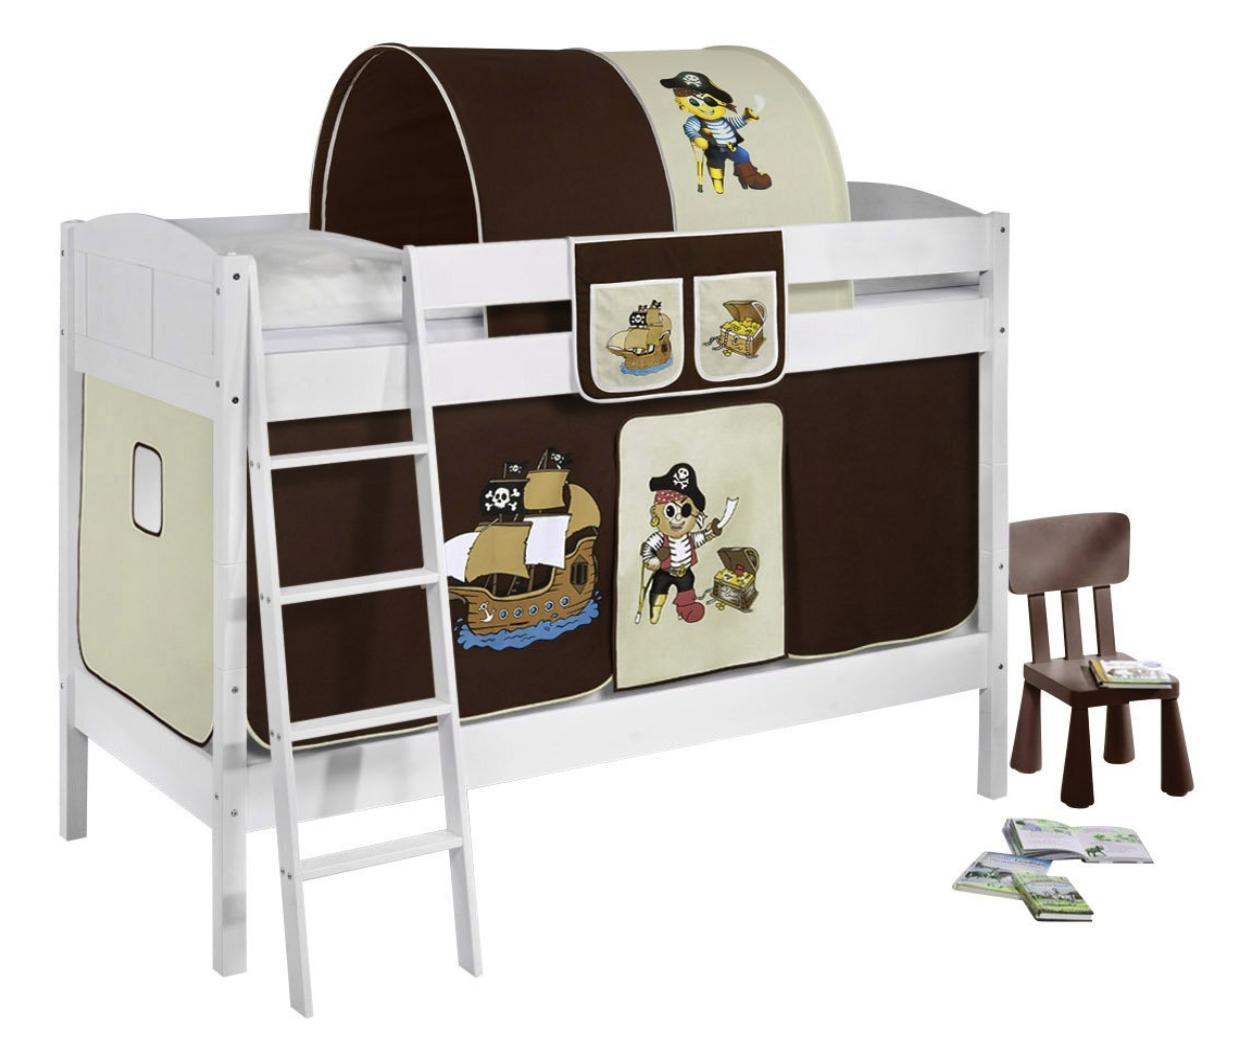 lit superpos blanc laqu et rideau pirate marron 90x200 cm sans matelas tunnel sans tunnel. Black Bedroom Furniture Sets. Home Design Ideas